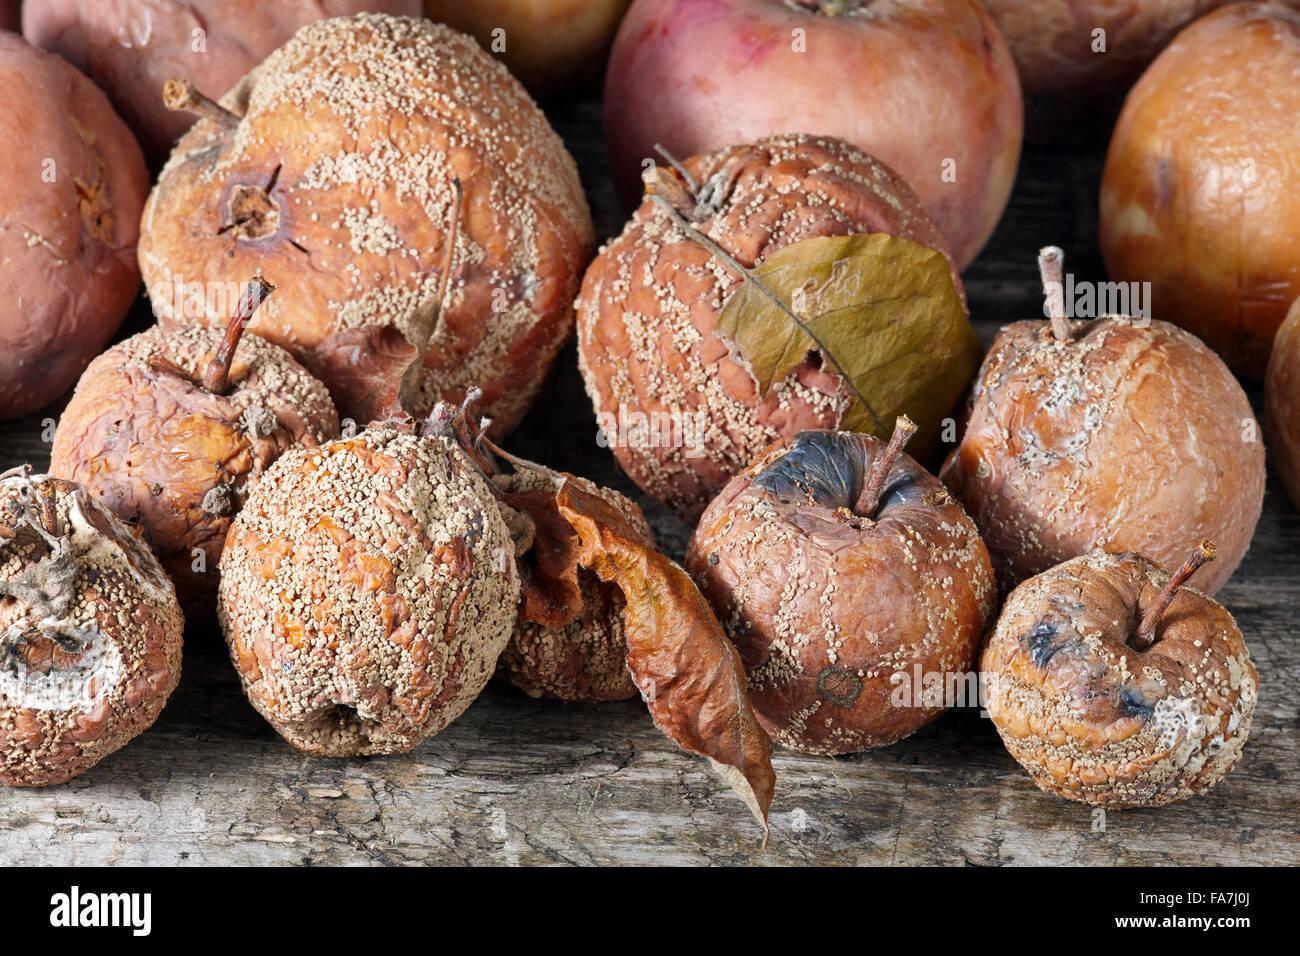 Rotten apples. Scientific name: Malus domestica. - Stock Image